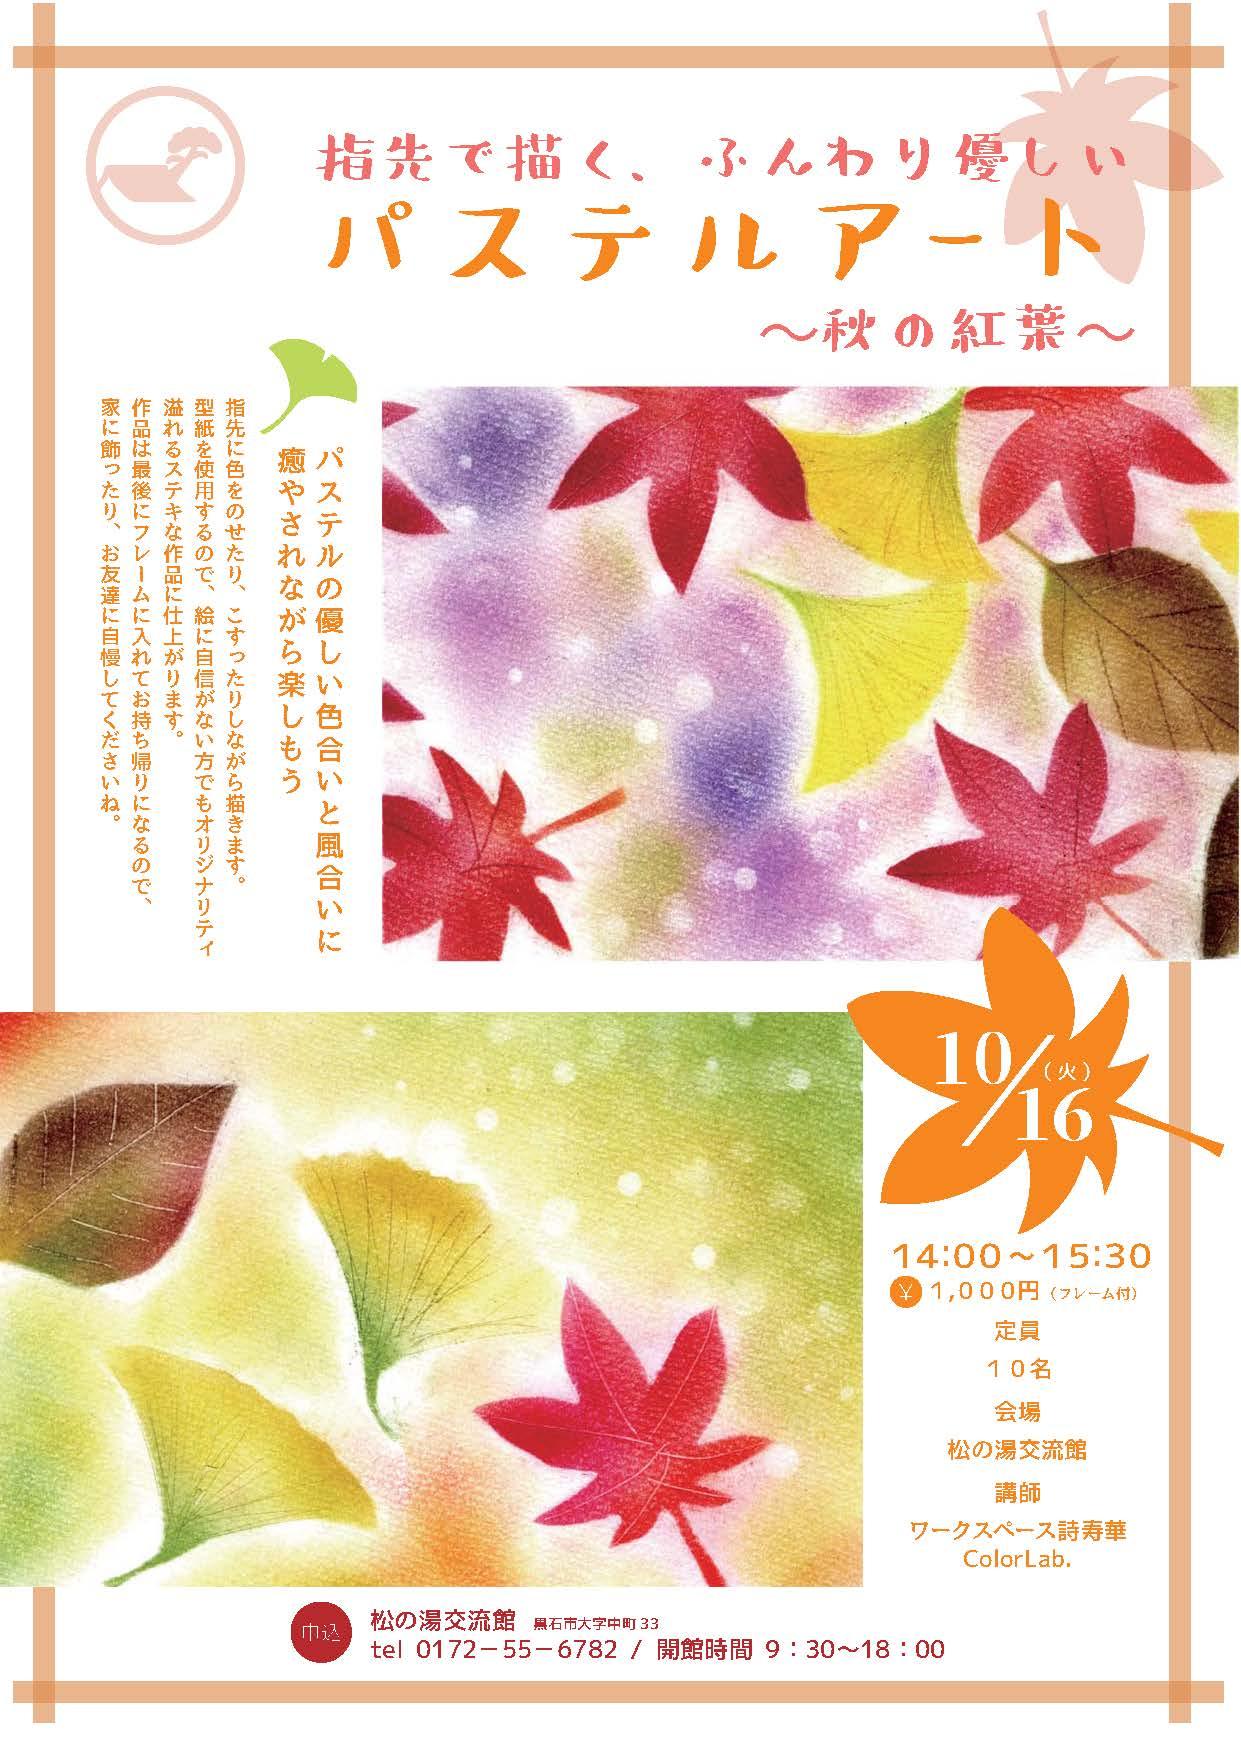 10/16(火)パステルアート~秋の紅葉~